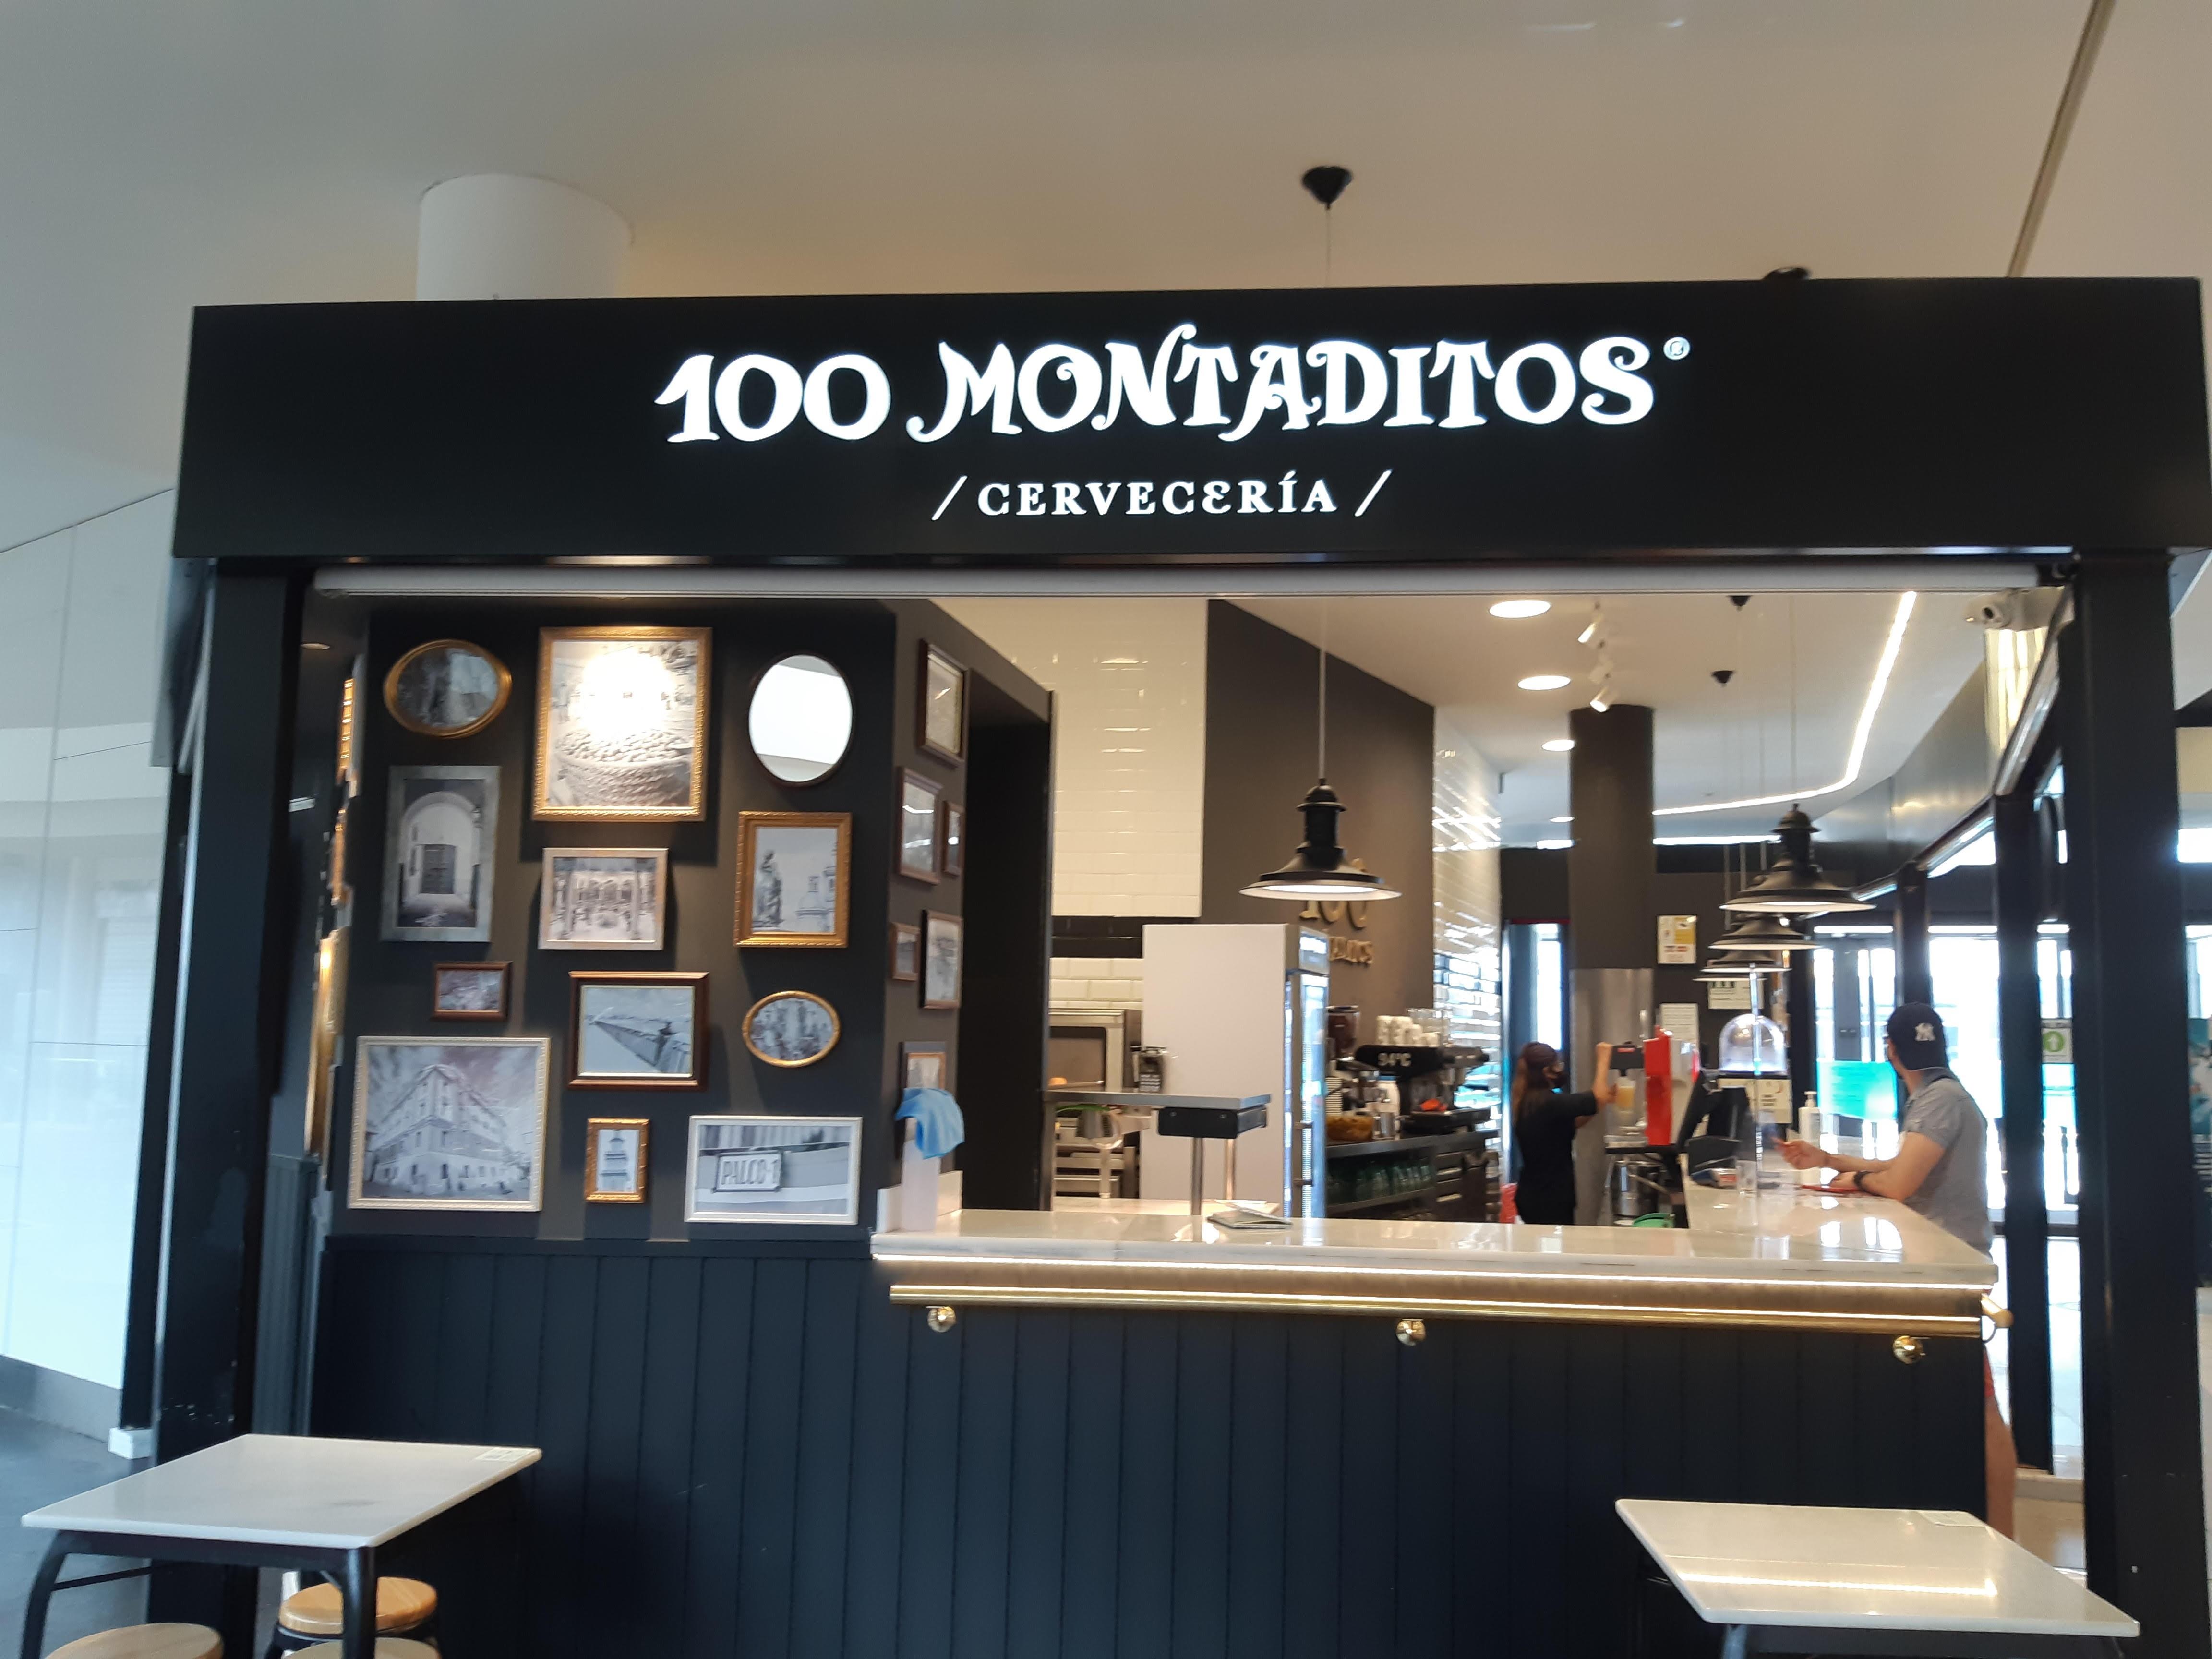 Restaurante 100 Montaditos